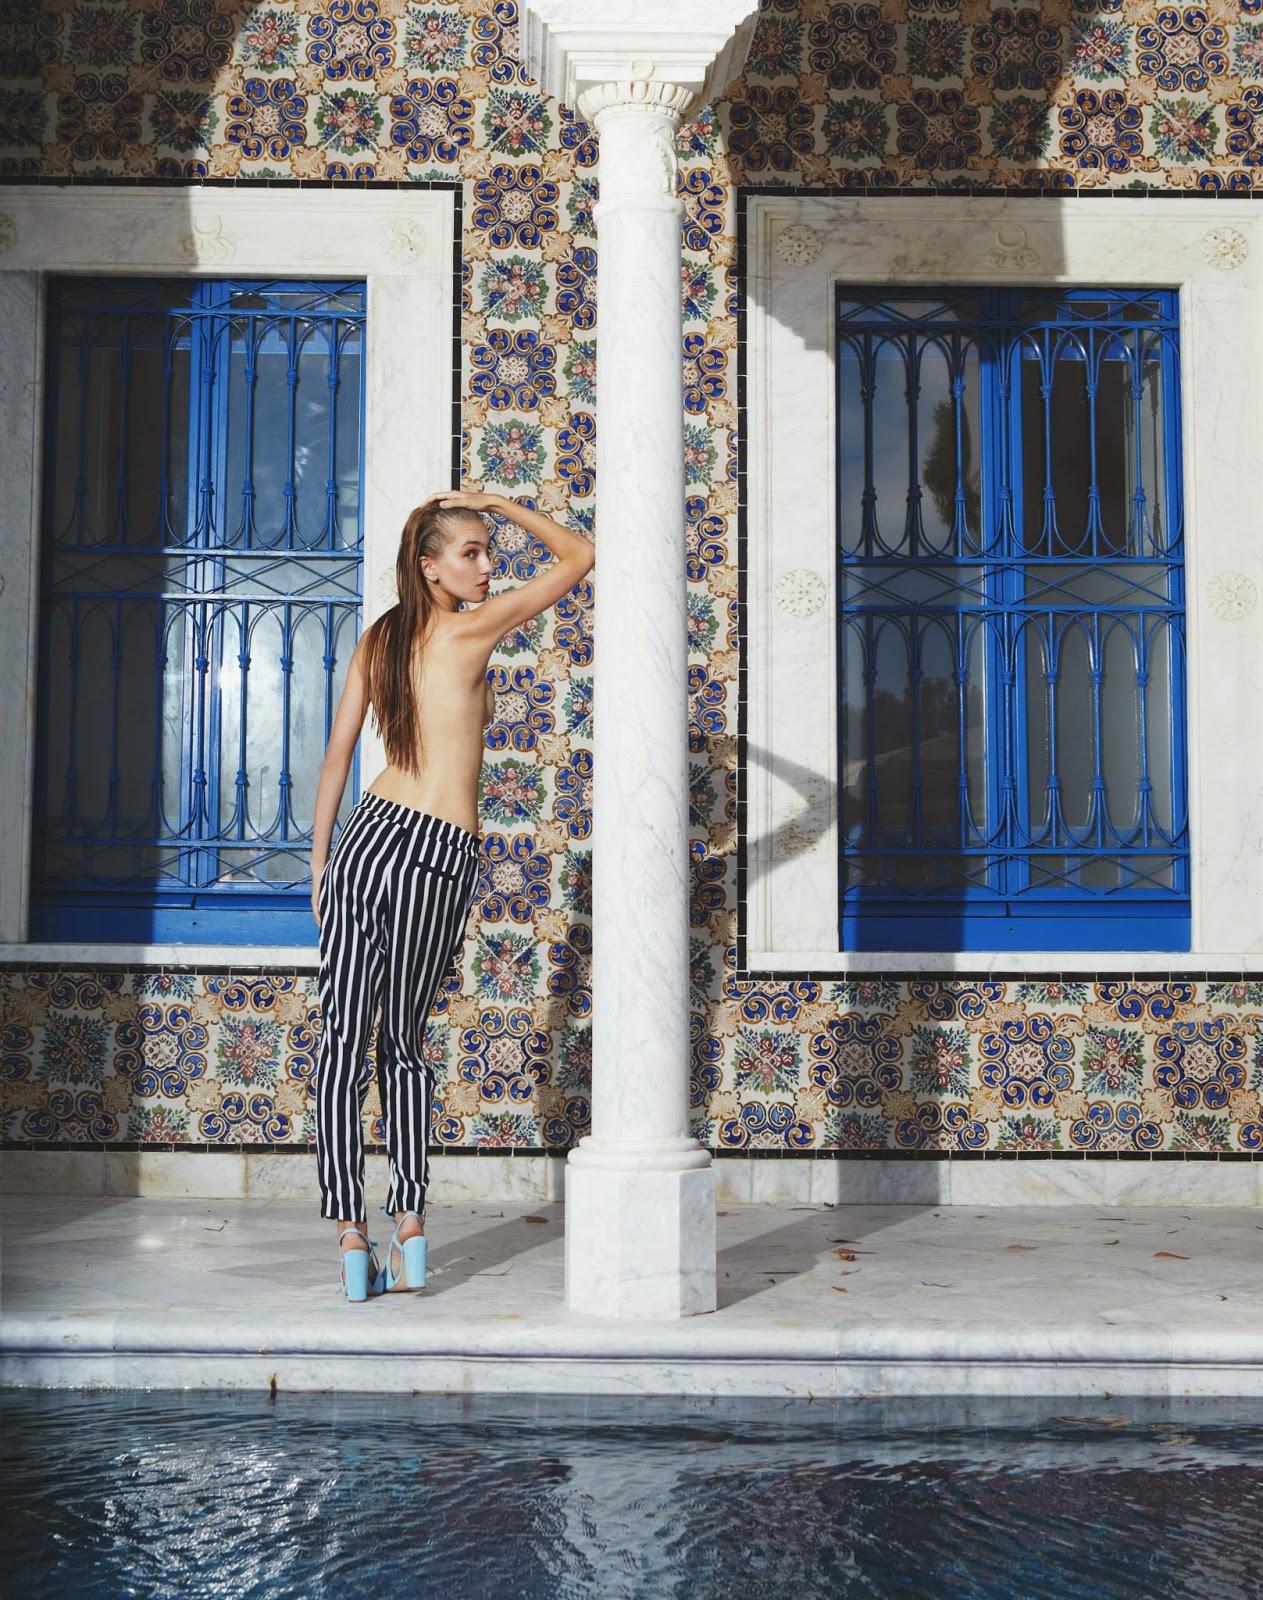 Mannequin tunisie sidi bousaid for Mannequin piscine